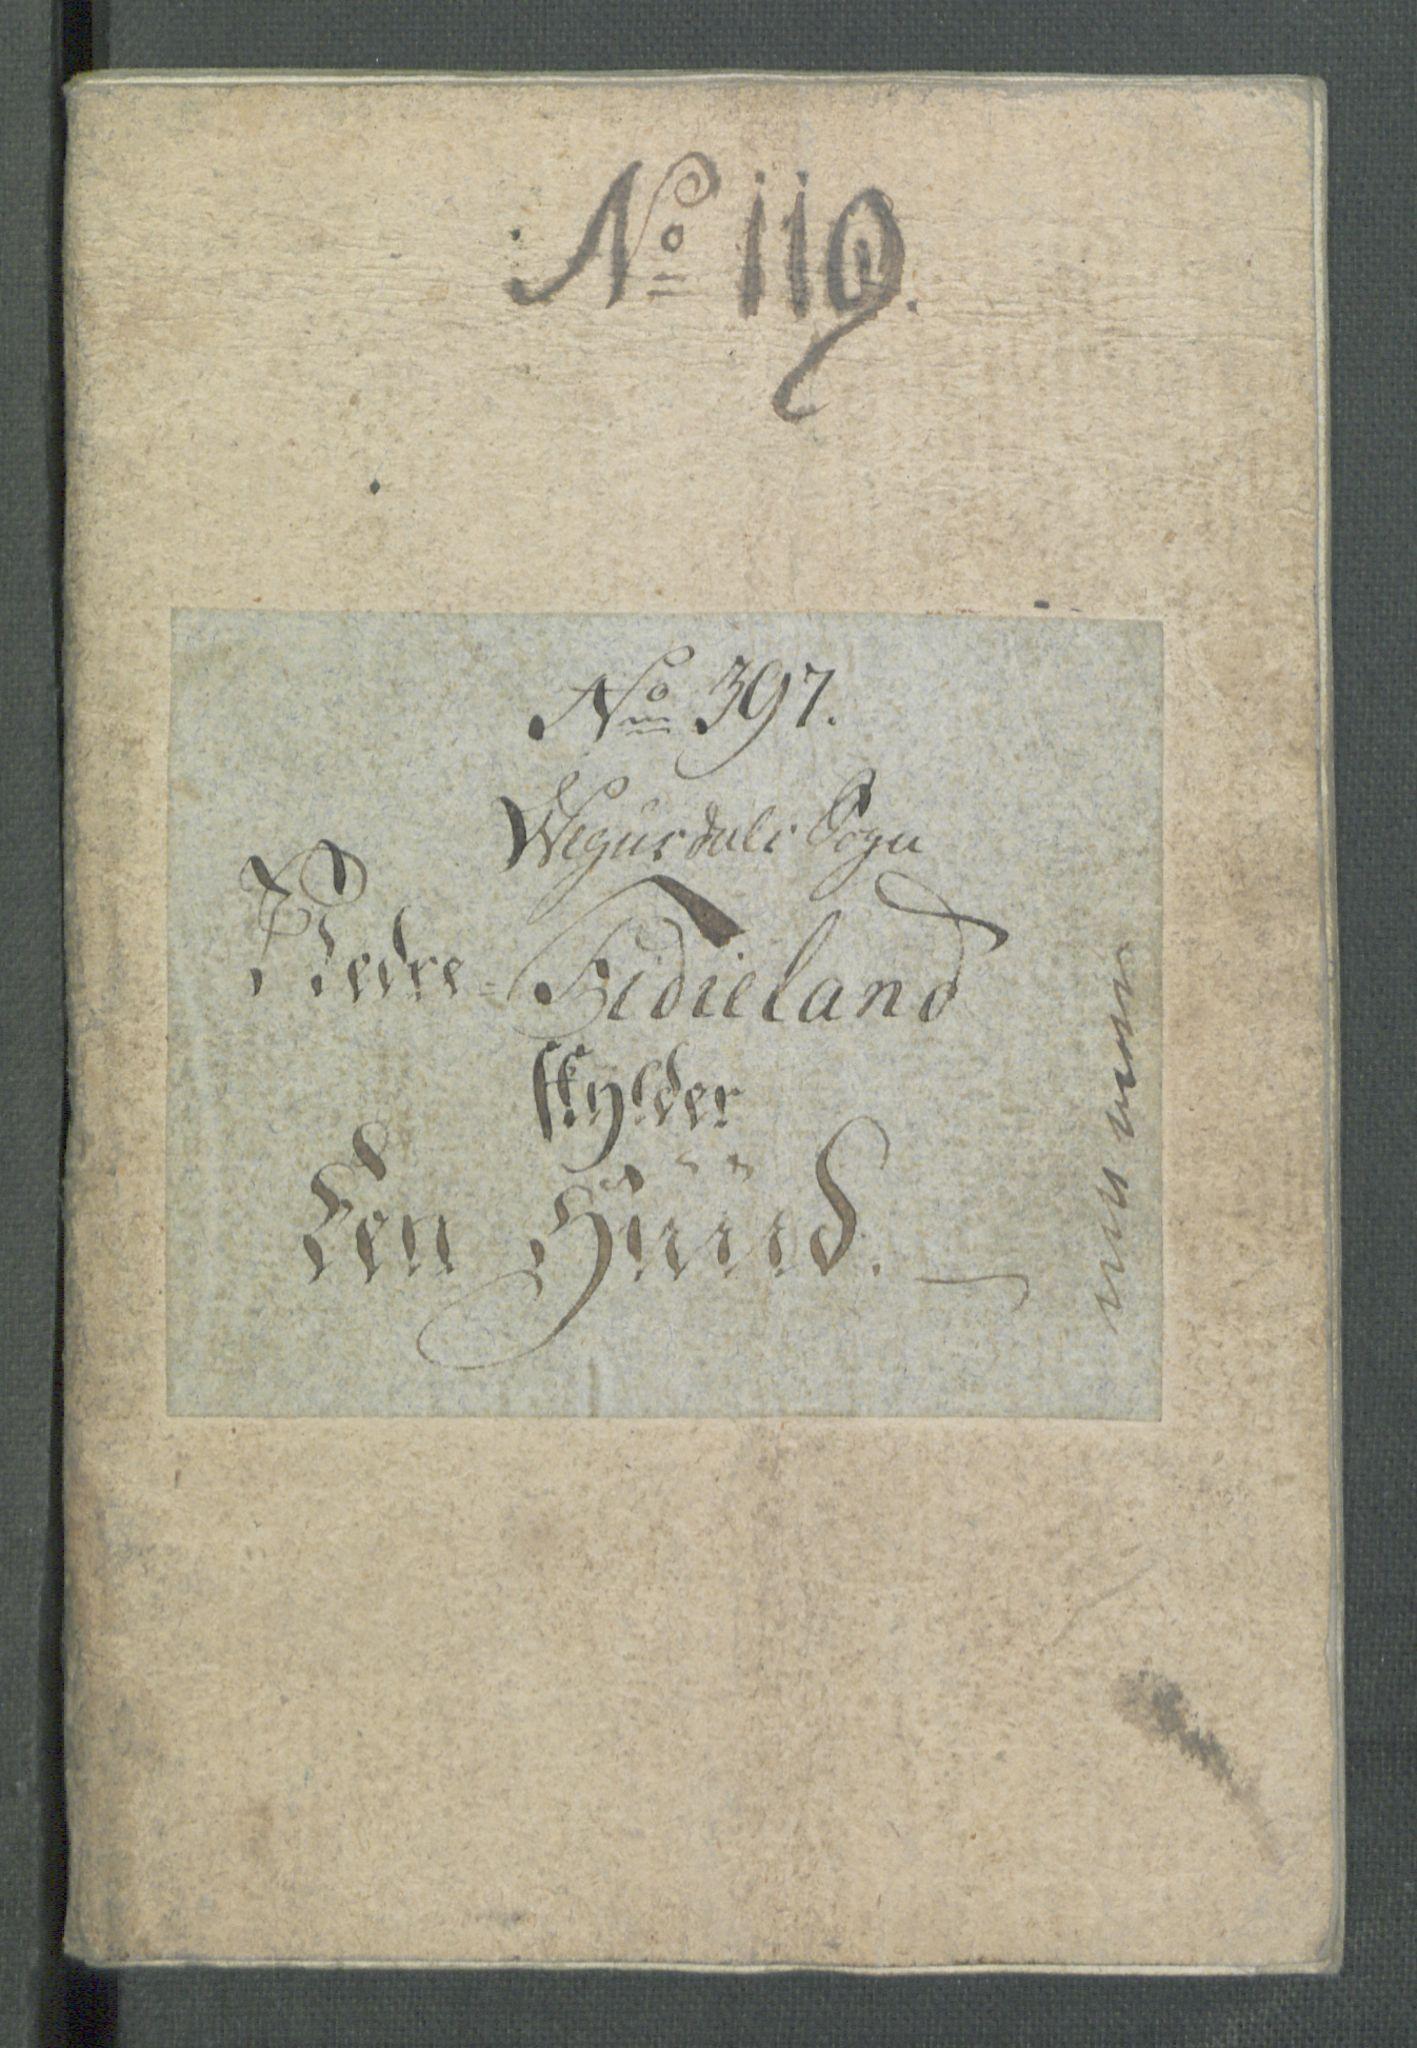 RA, Rentekammeret inntil 1814, Realistisk ordnet avdeling, Od/L0001: Oppløp, 1786-1769, s. 790